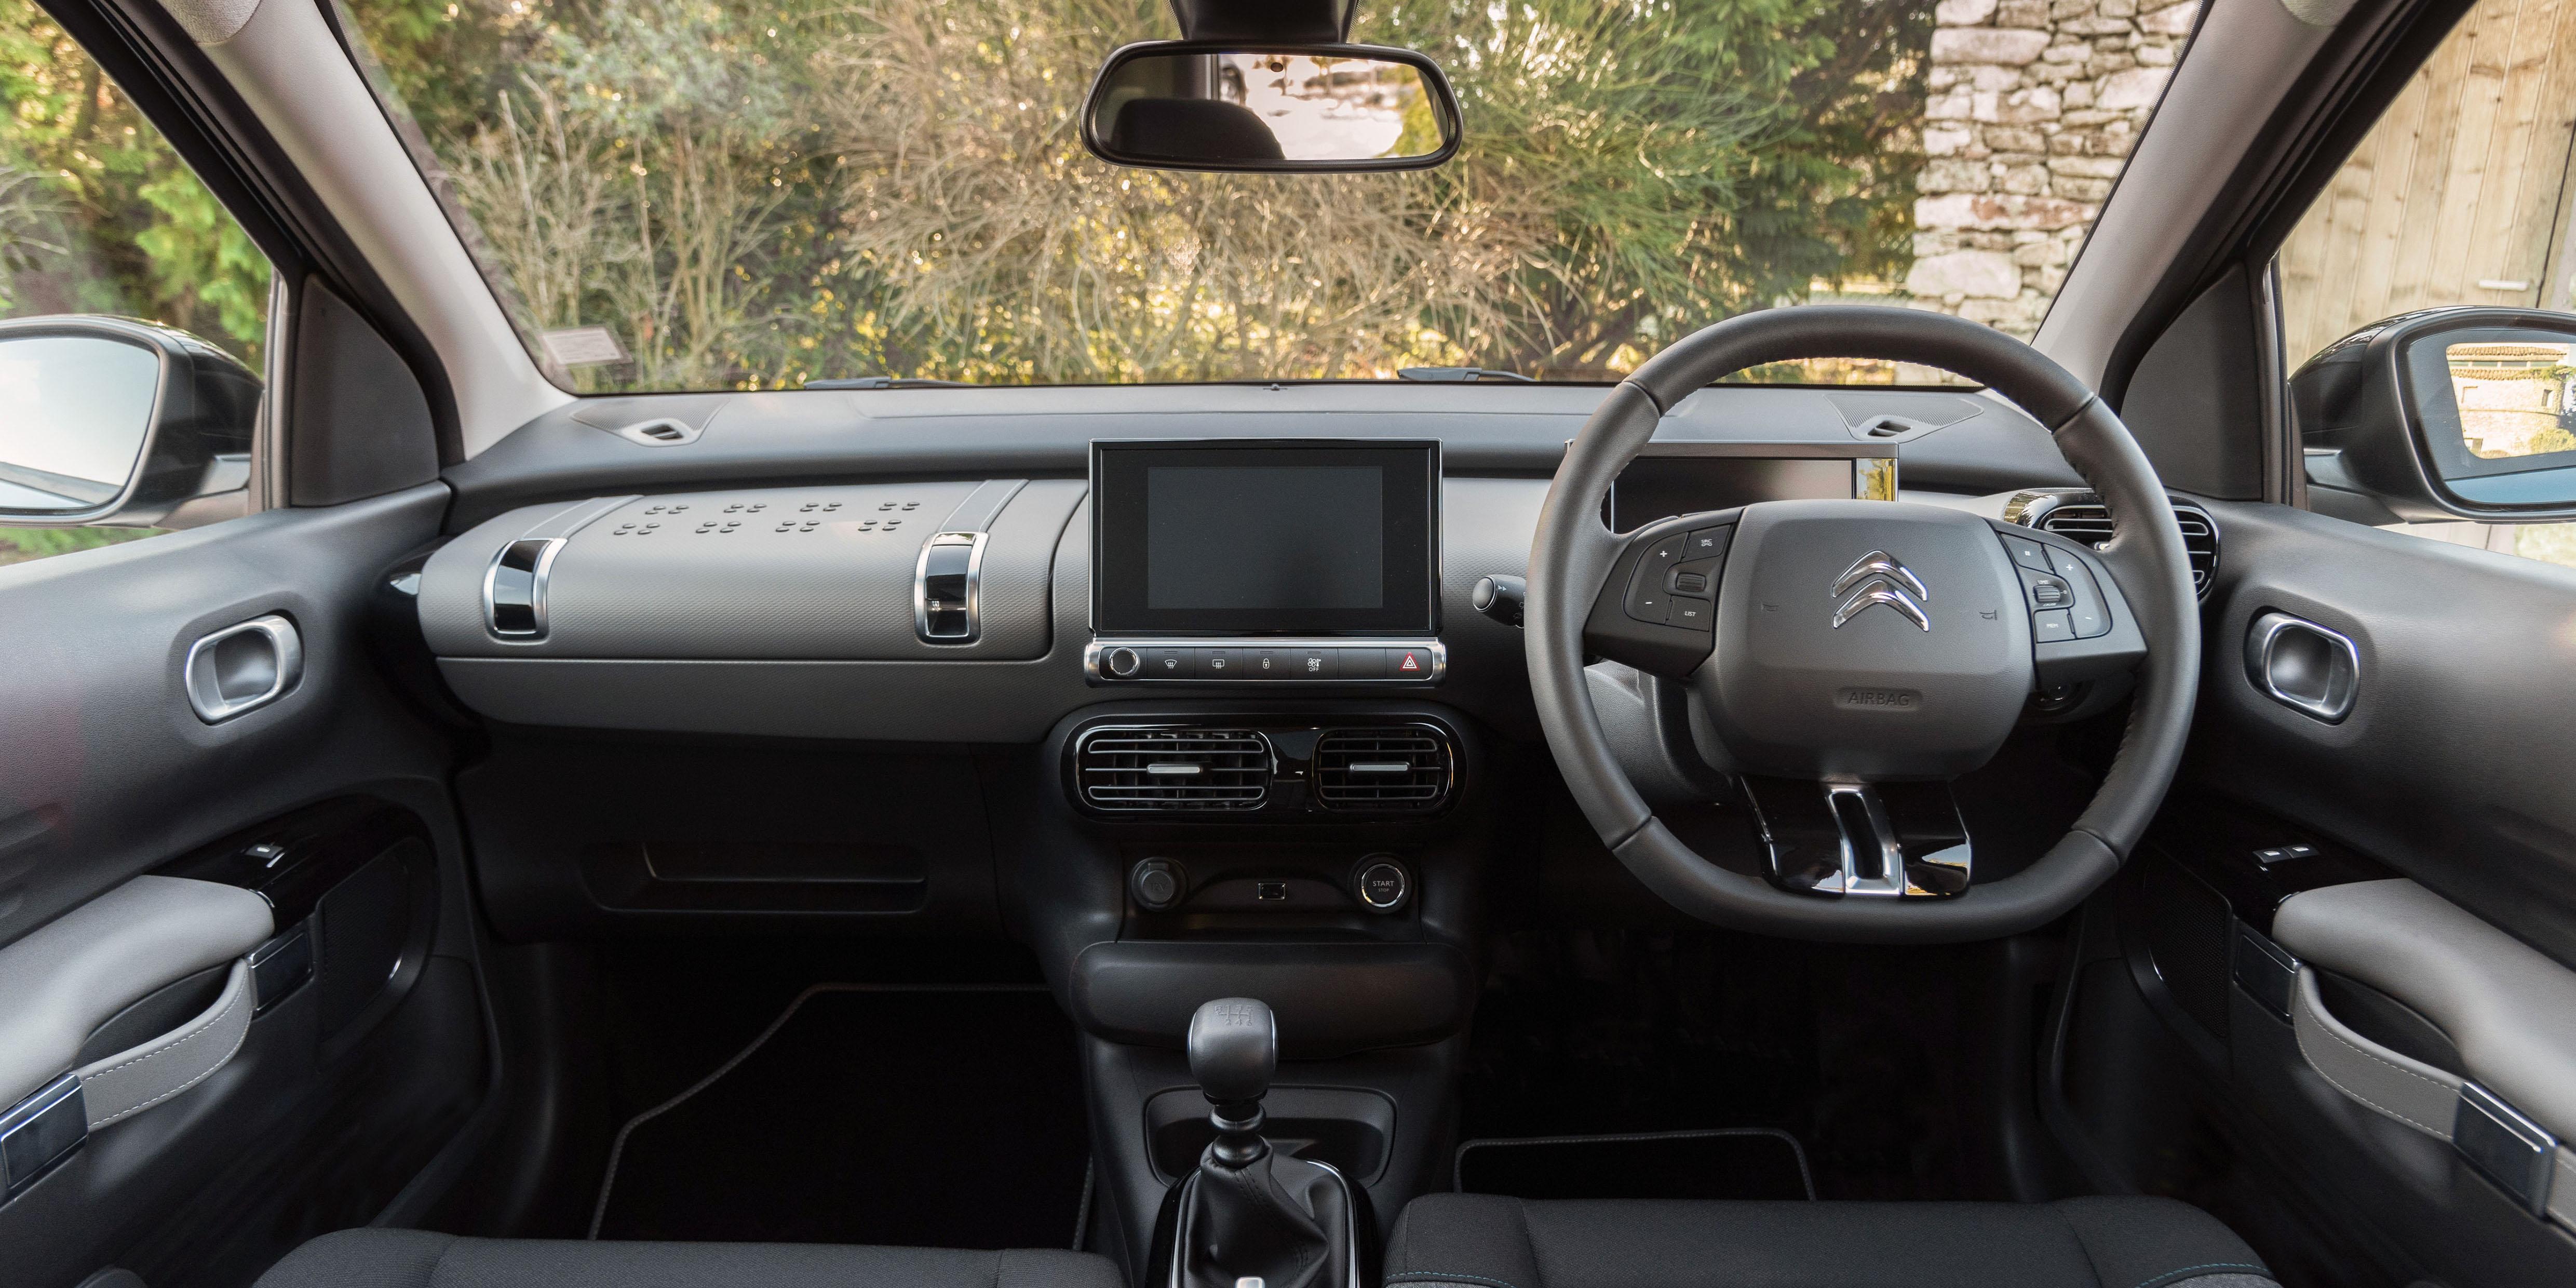 Citroen C4 Cactus Interior & Infotainment   carwow